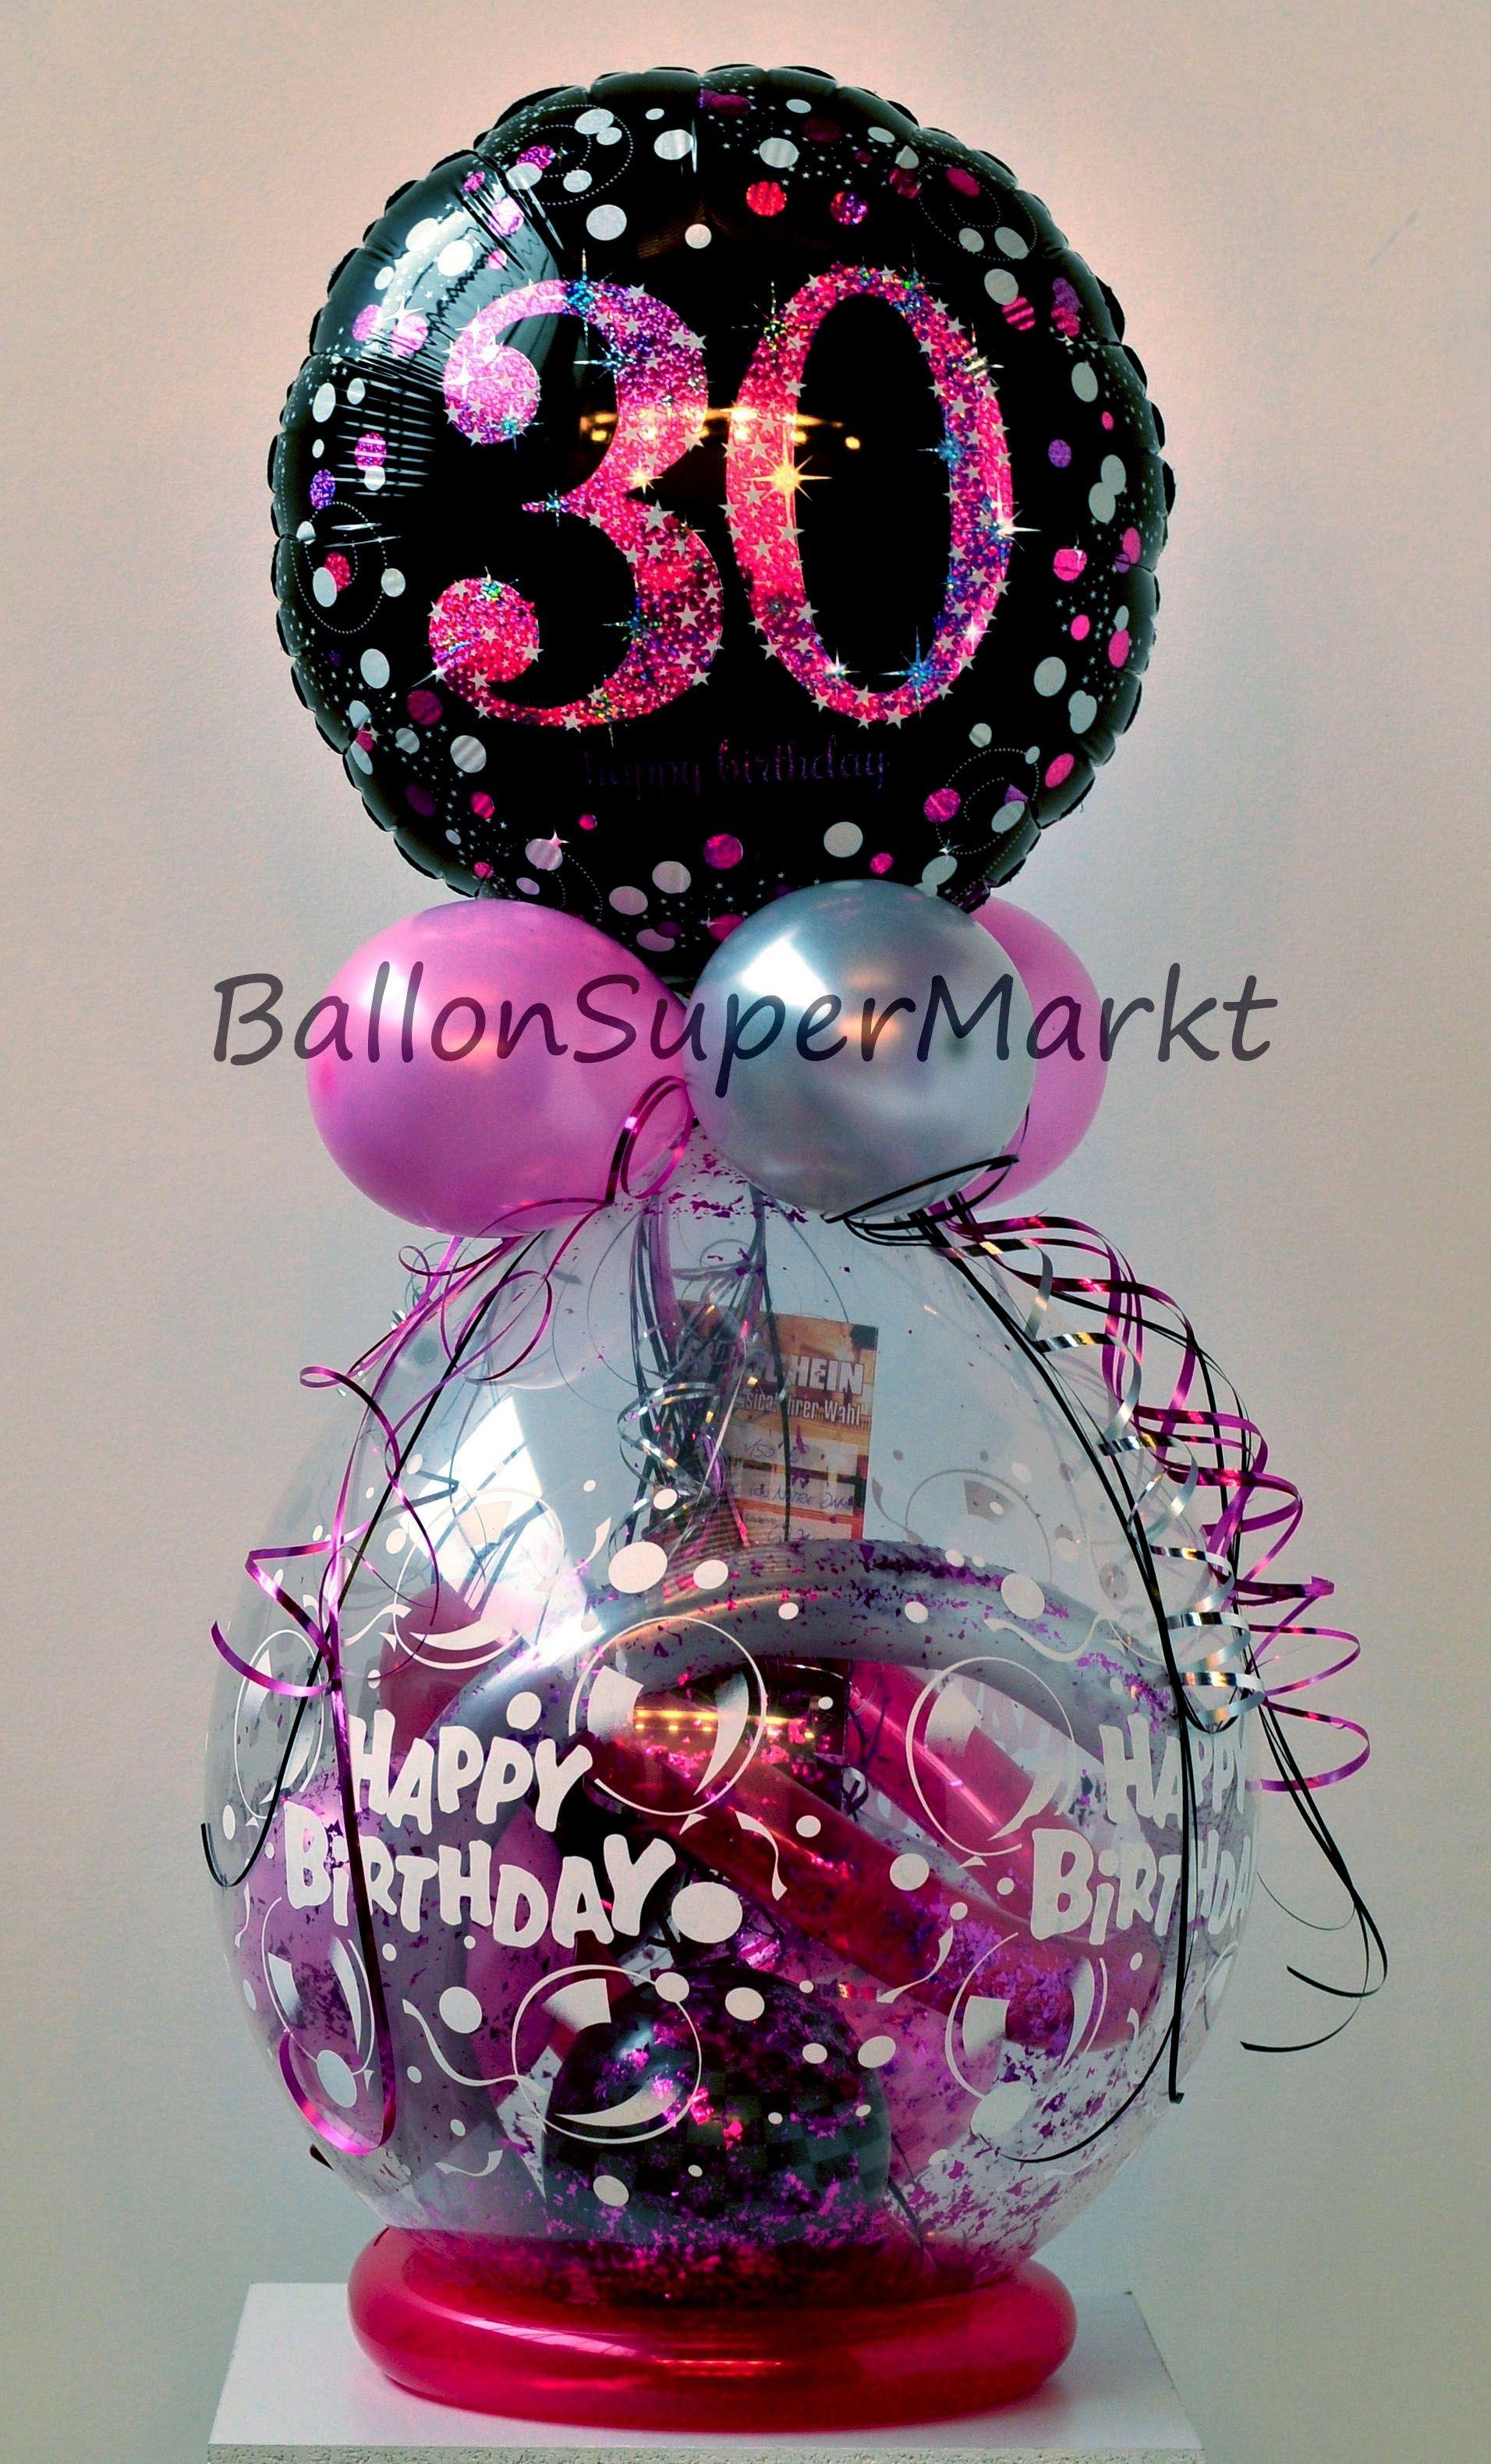 Anniversaire Geburtstag Geschenk Ballon Cadeau Pour 30e Zum